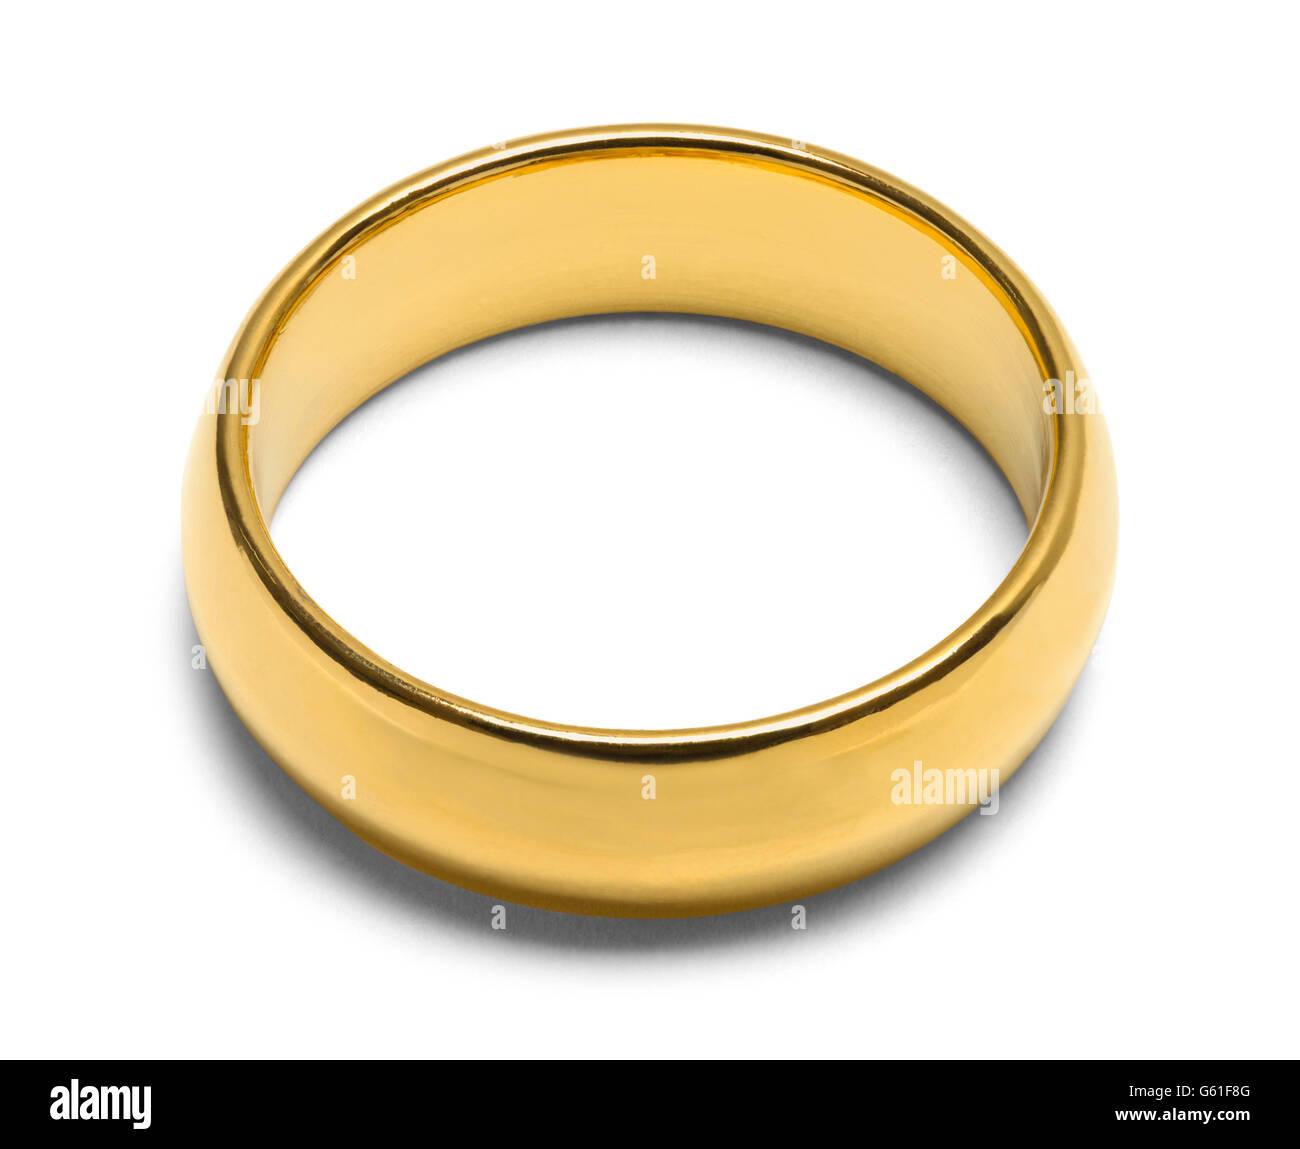 Single Gold Wedding Ring Isolated on White Background. - Stock Image